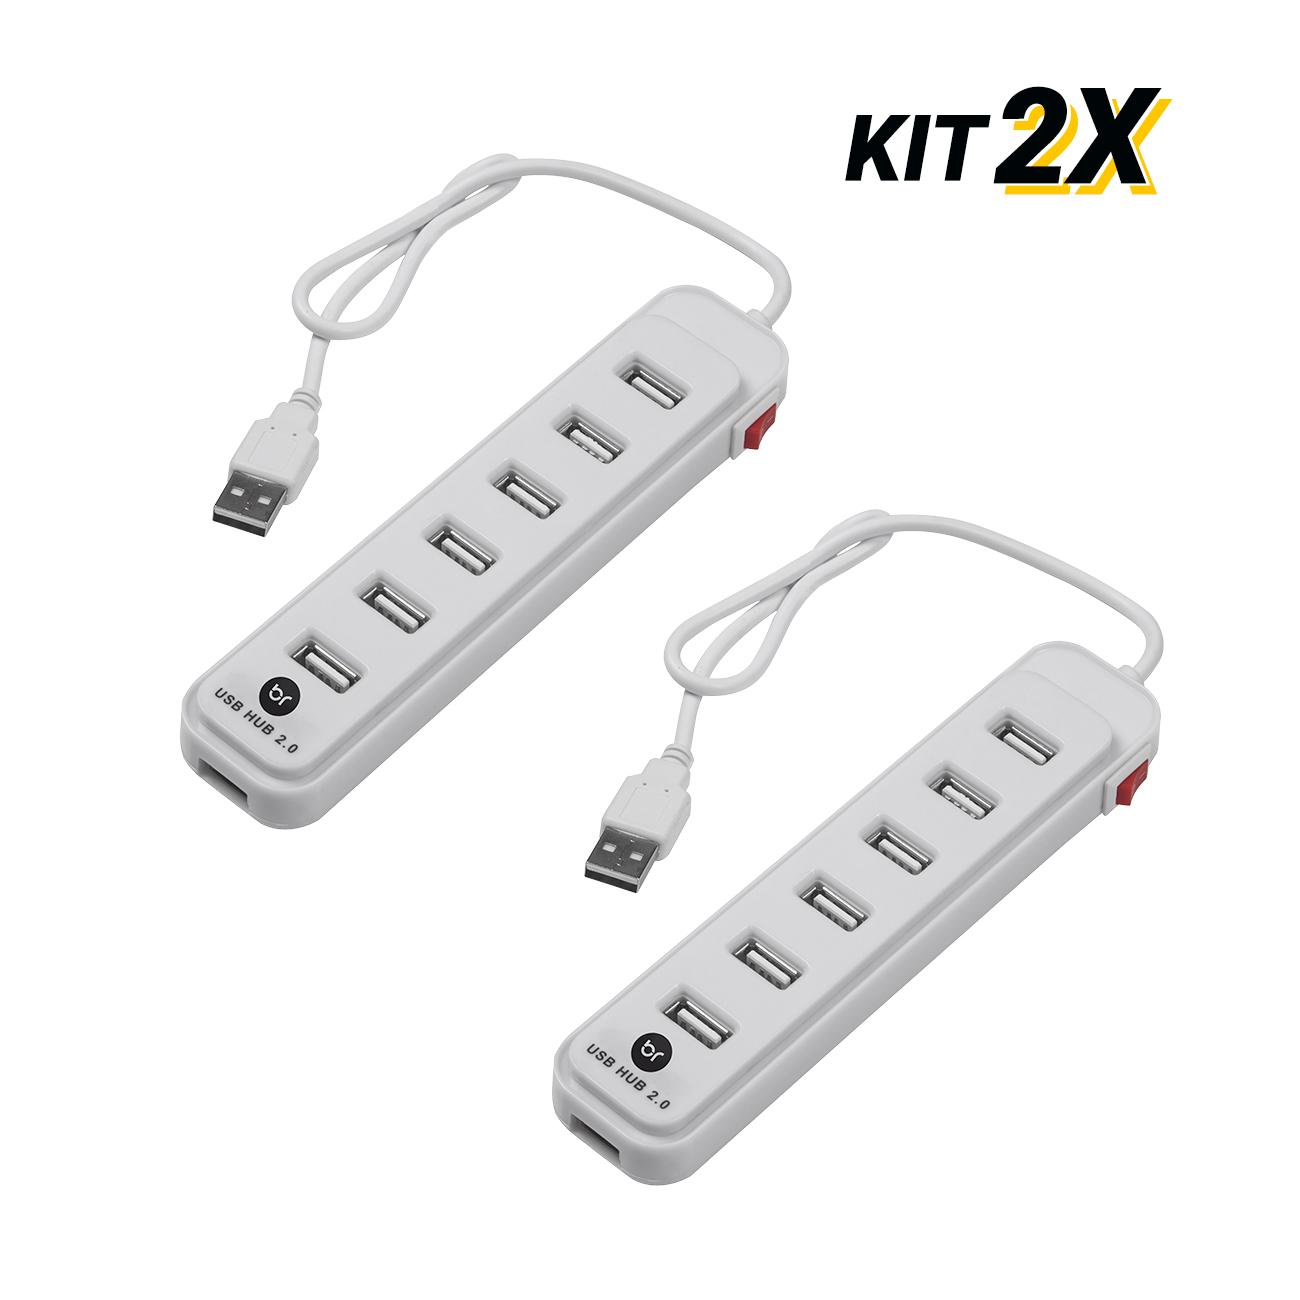 Kit 2 Hubs Usb Extensor c/ 7 Portas Fast 2.0 Carrega Celular